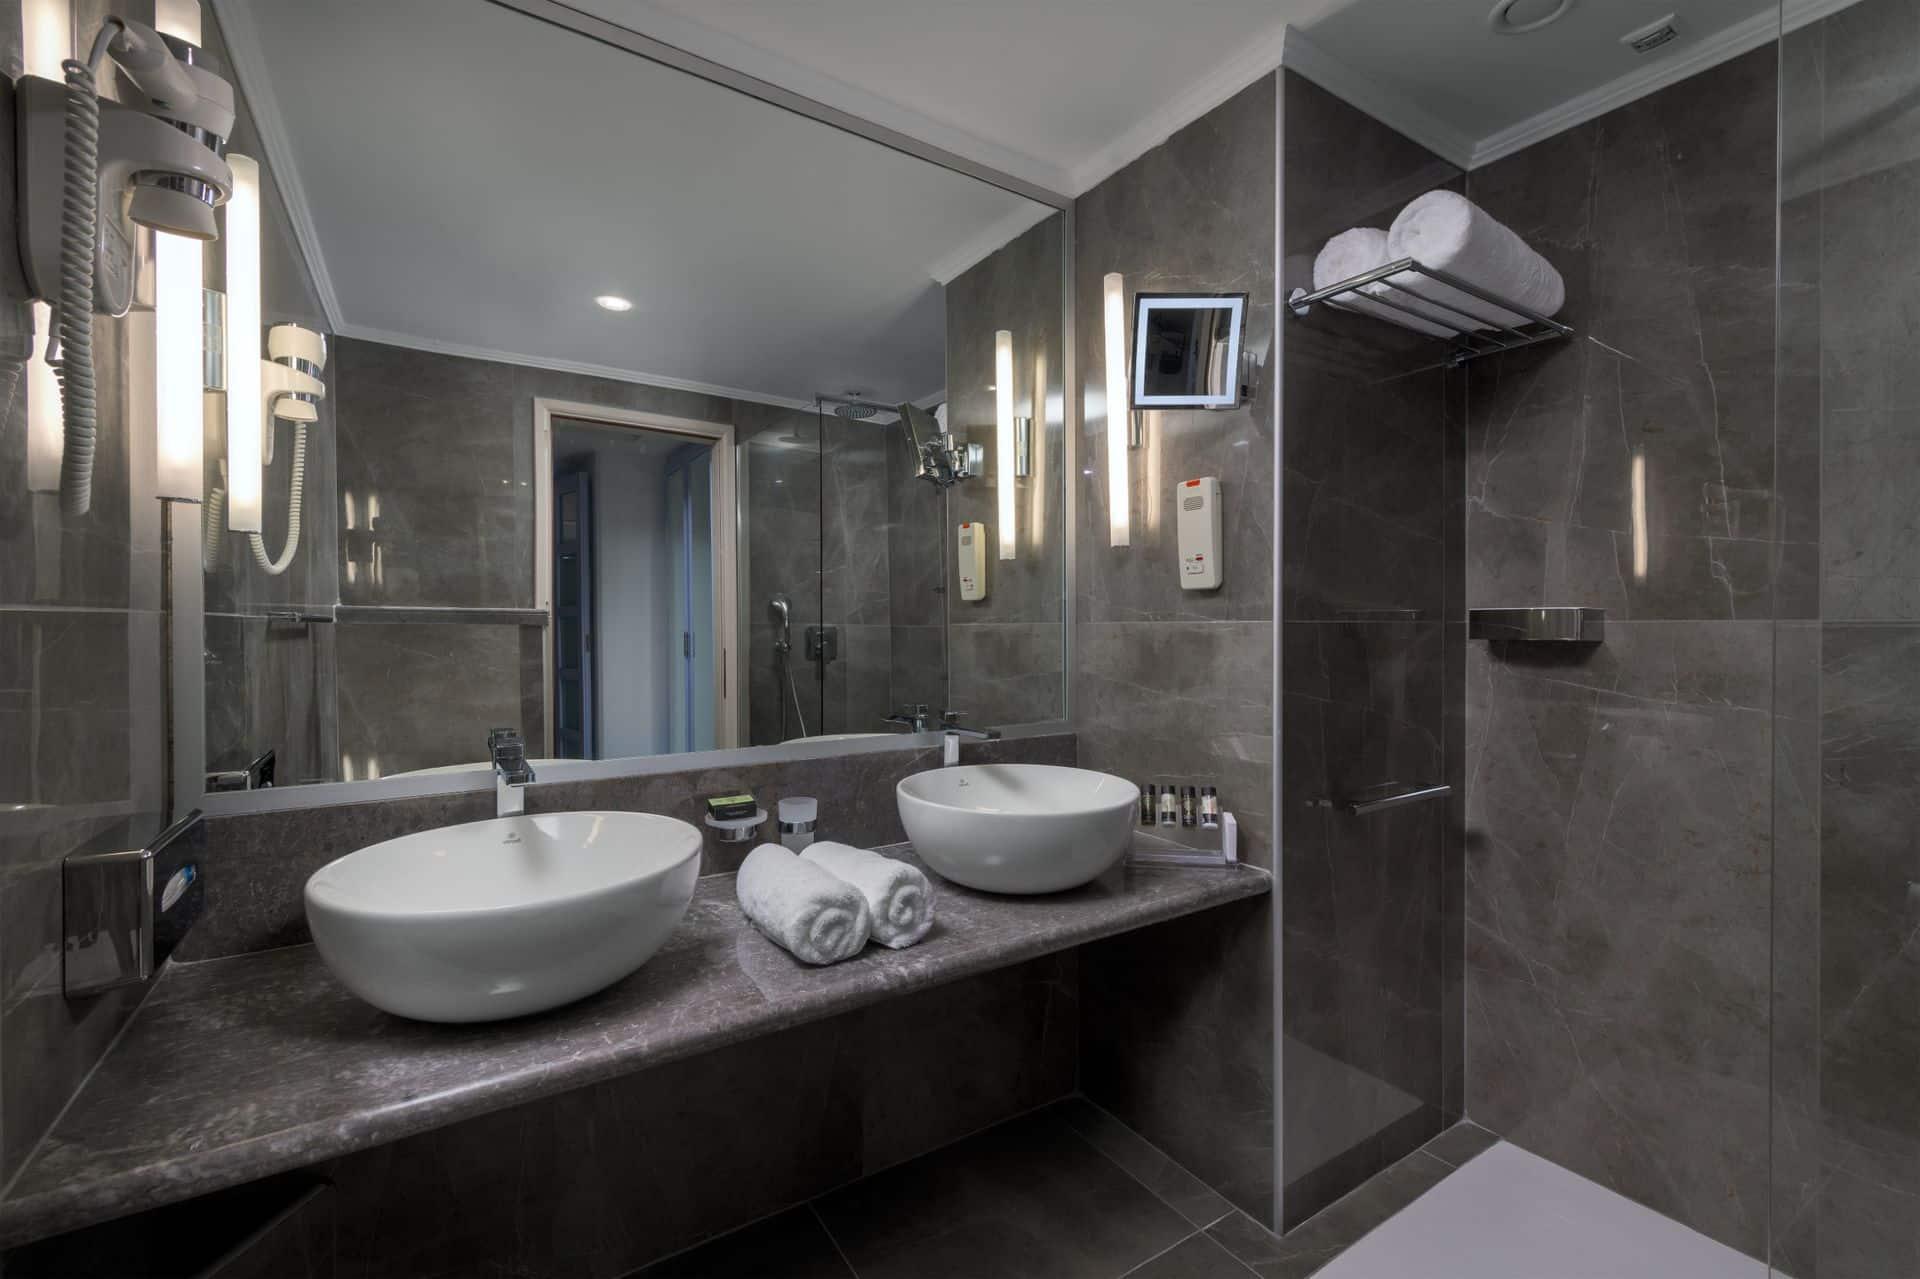 156_S_Bathroom_Rodos_Palladium_result